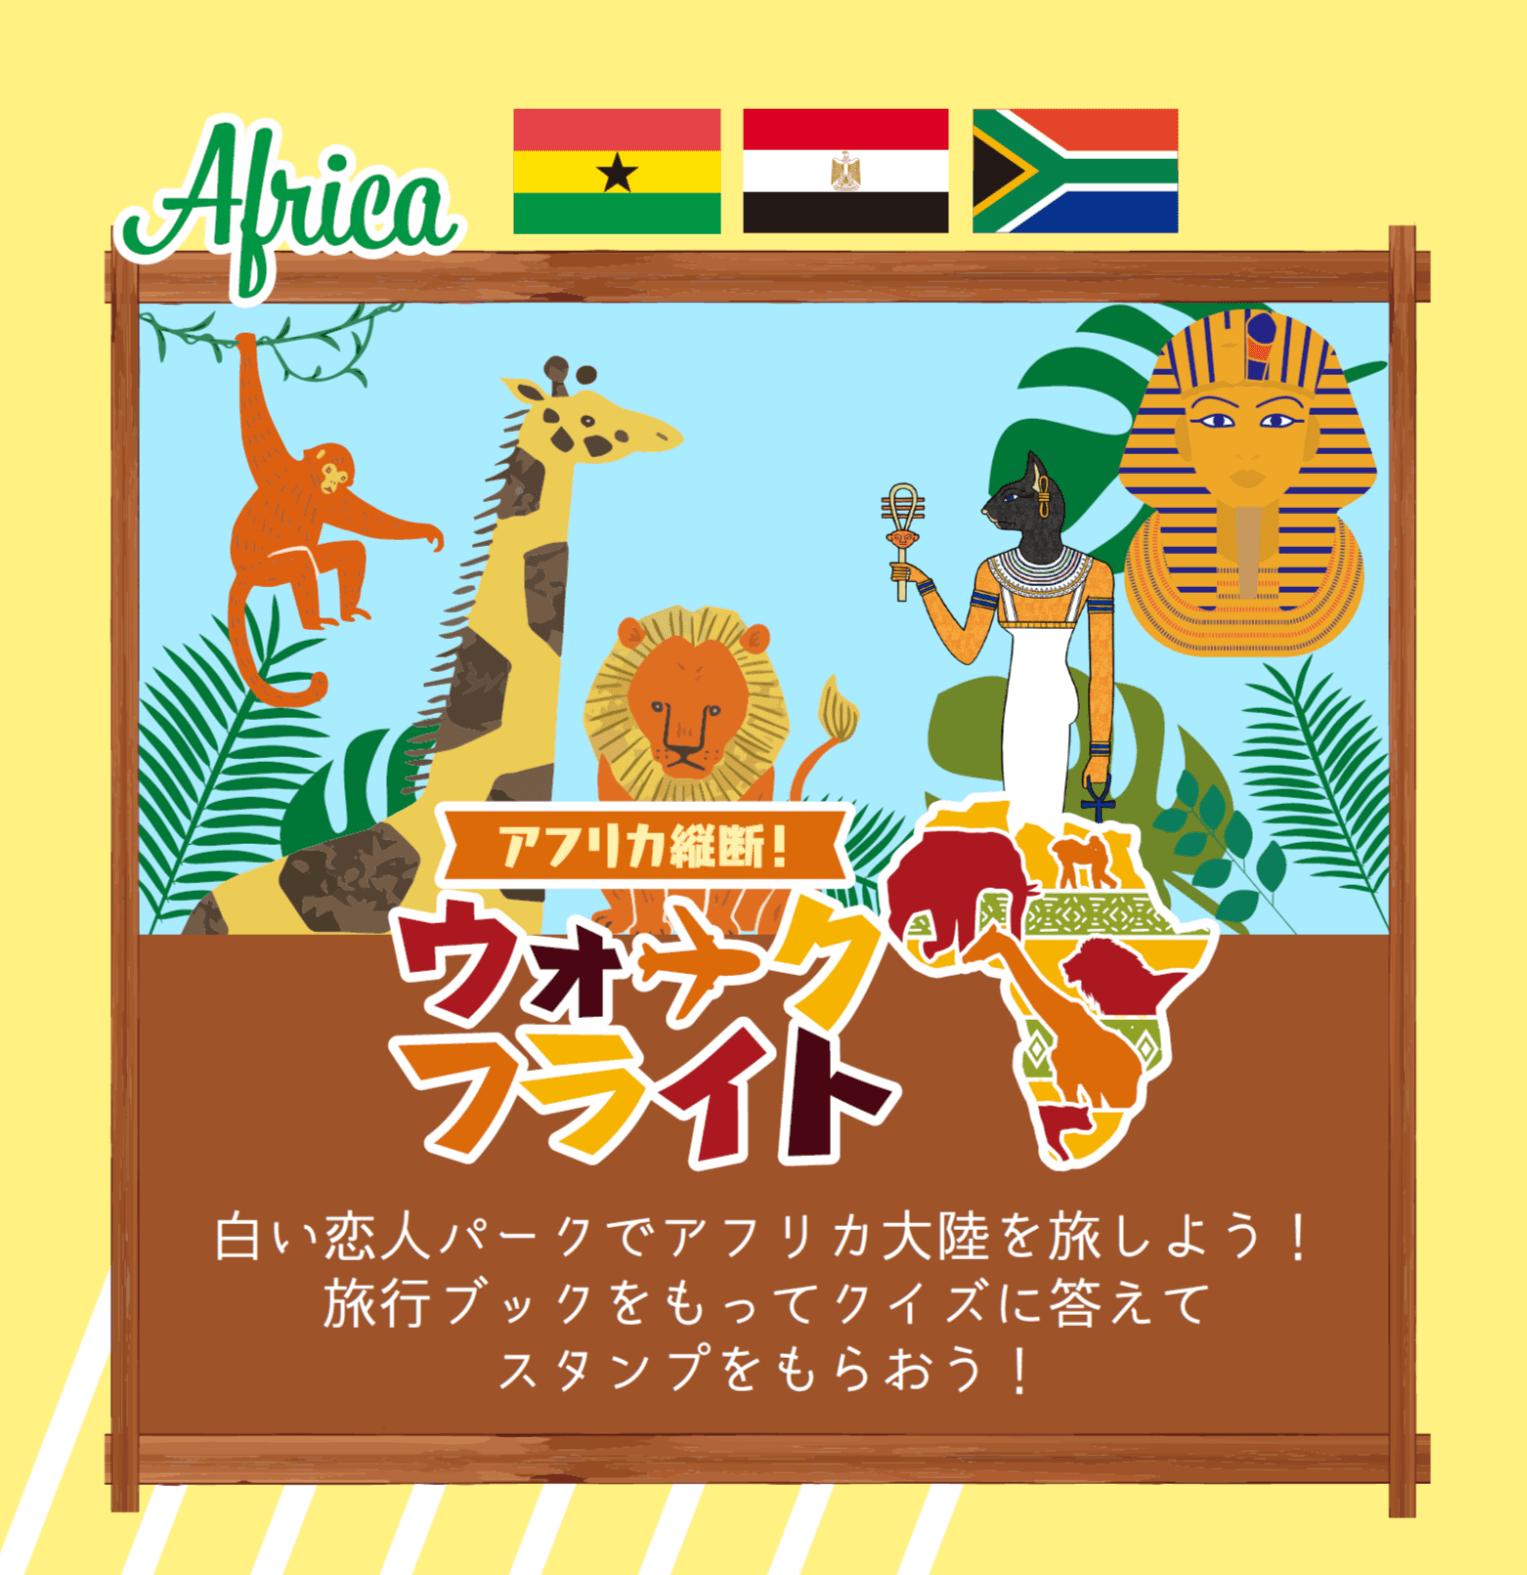 白い恋人パークの『夏を楽しむ!白い恋人パークでプチバカンス』-アフリカ縦断!ウォークフライト ~ 旅して自然と文化を楽しもう ~